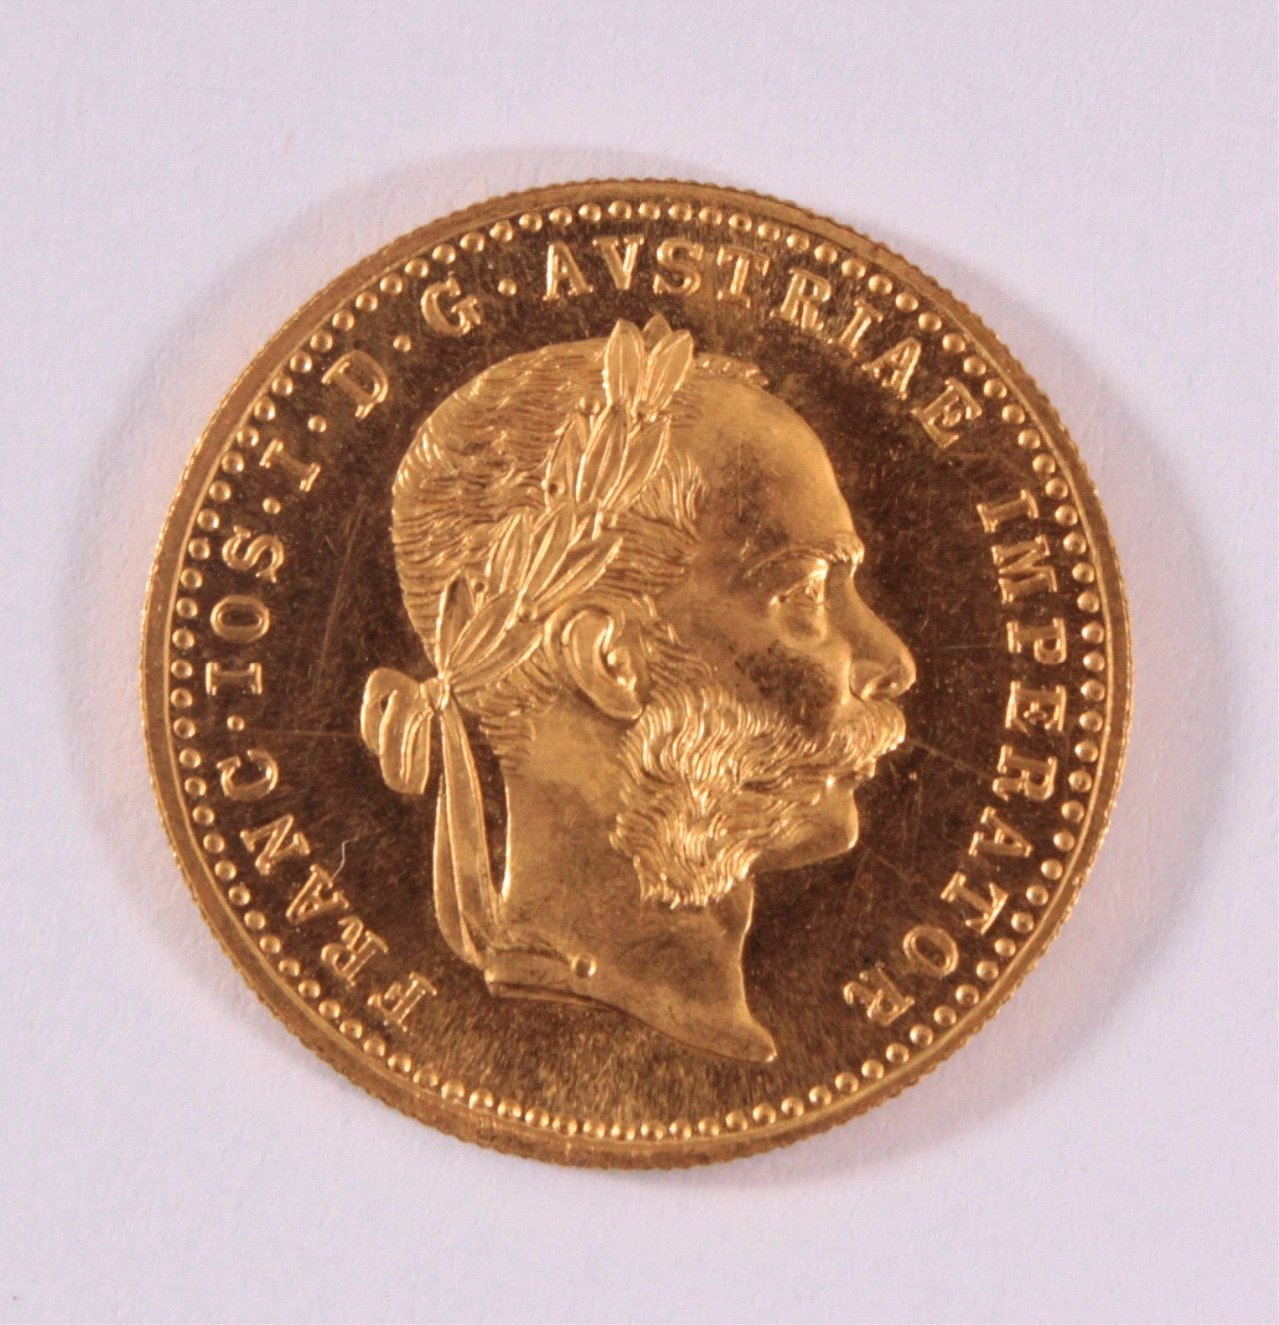 1 Golddukat Kaiser Franz Joseph 1915